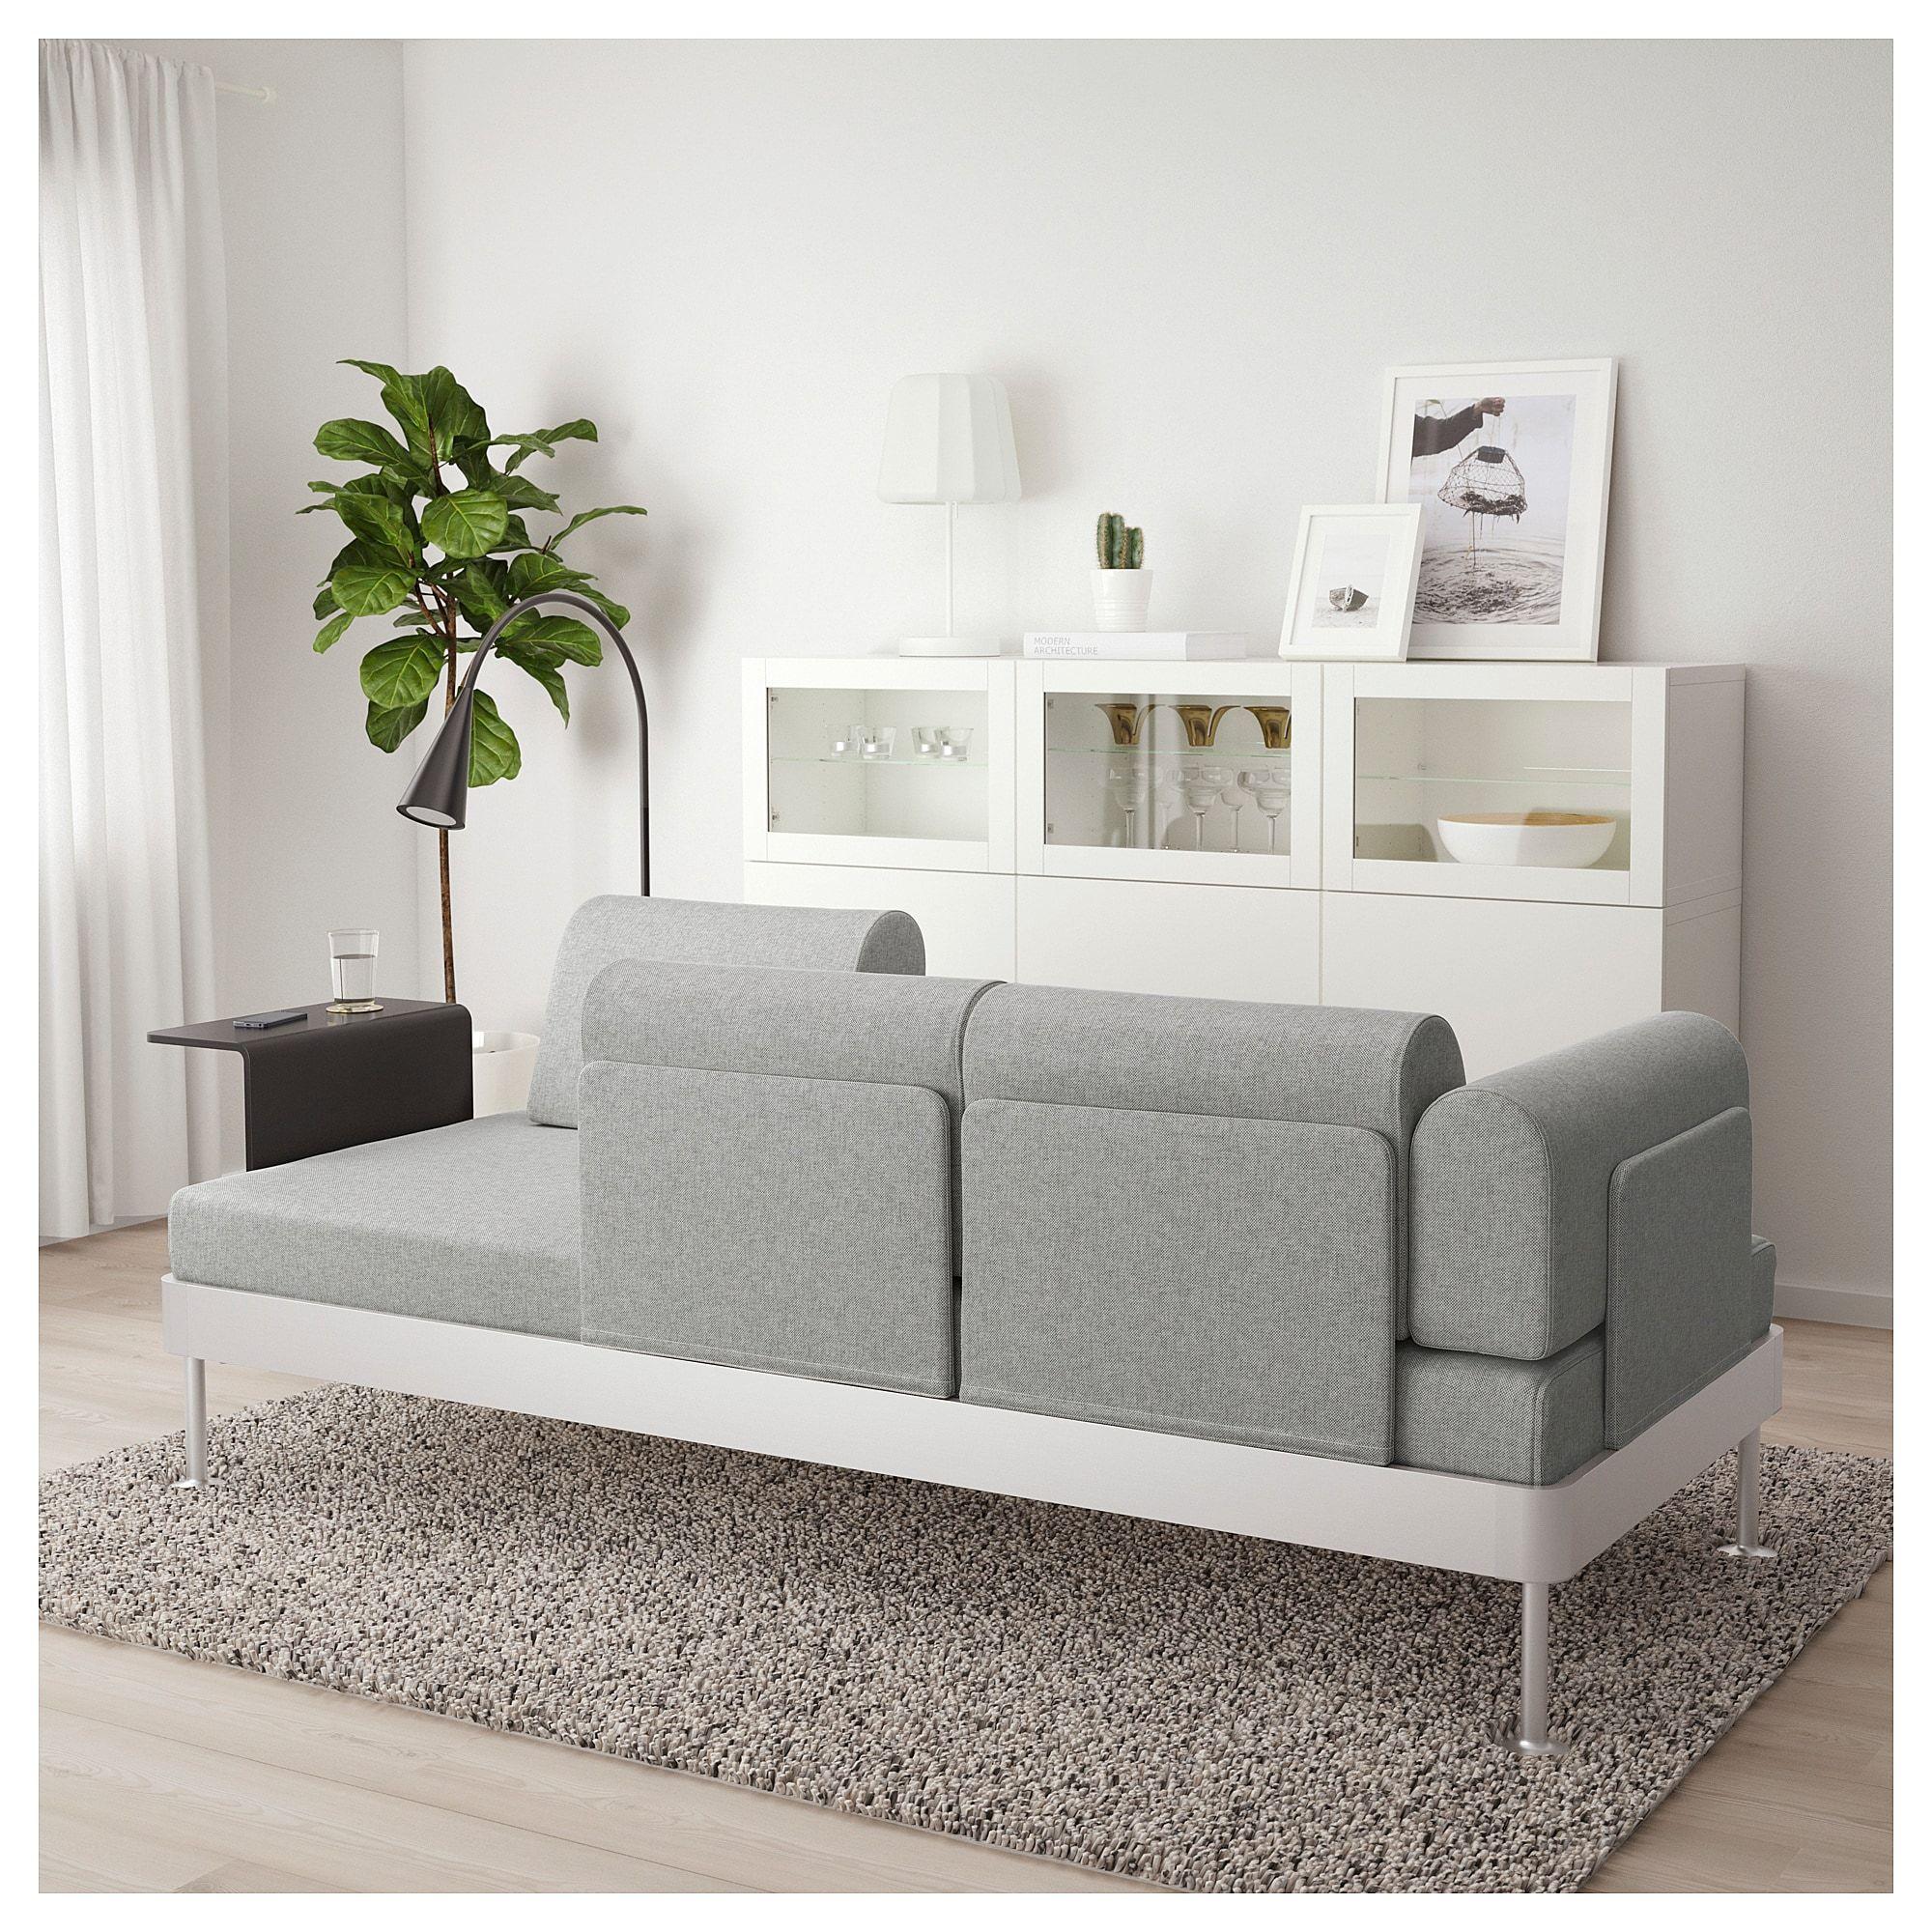 Delaktig 3er Sofa Mit Ablage Und Leuchte Tallmyra Weiss Schwarz Ikea Osterreich 2er Sofa Sofas Fur Kleine Raume Kissen Sofa